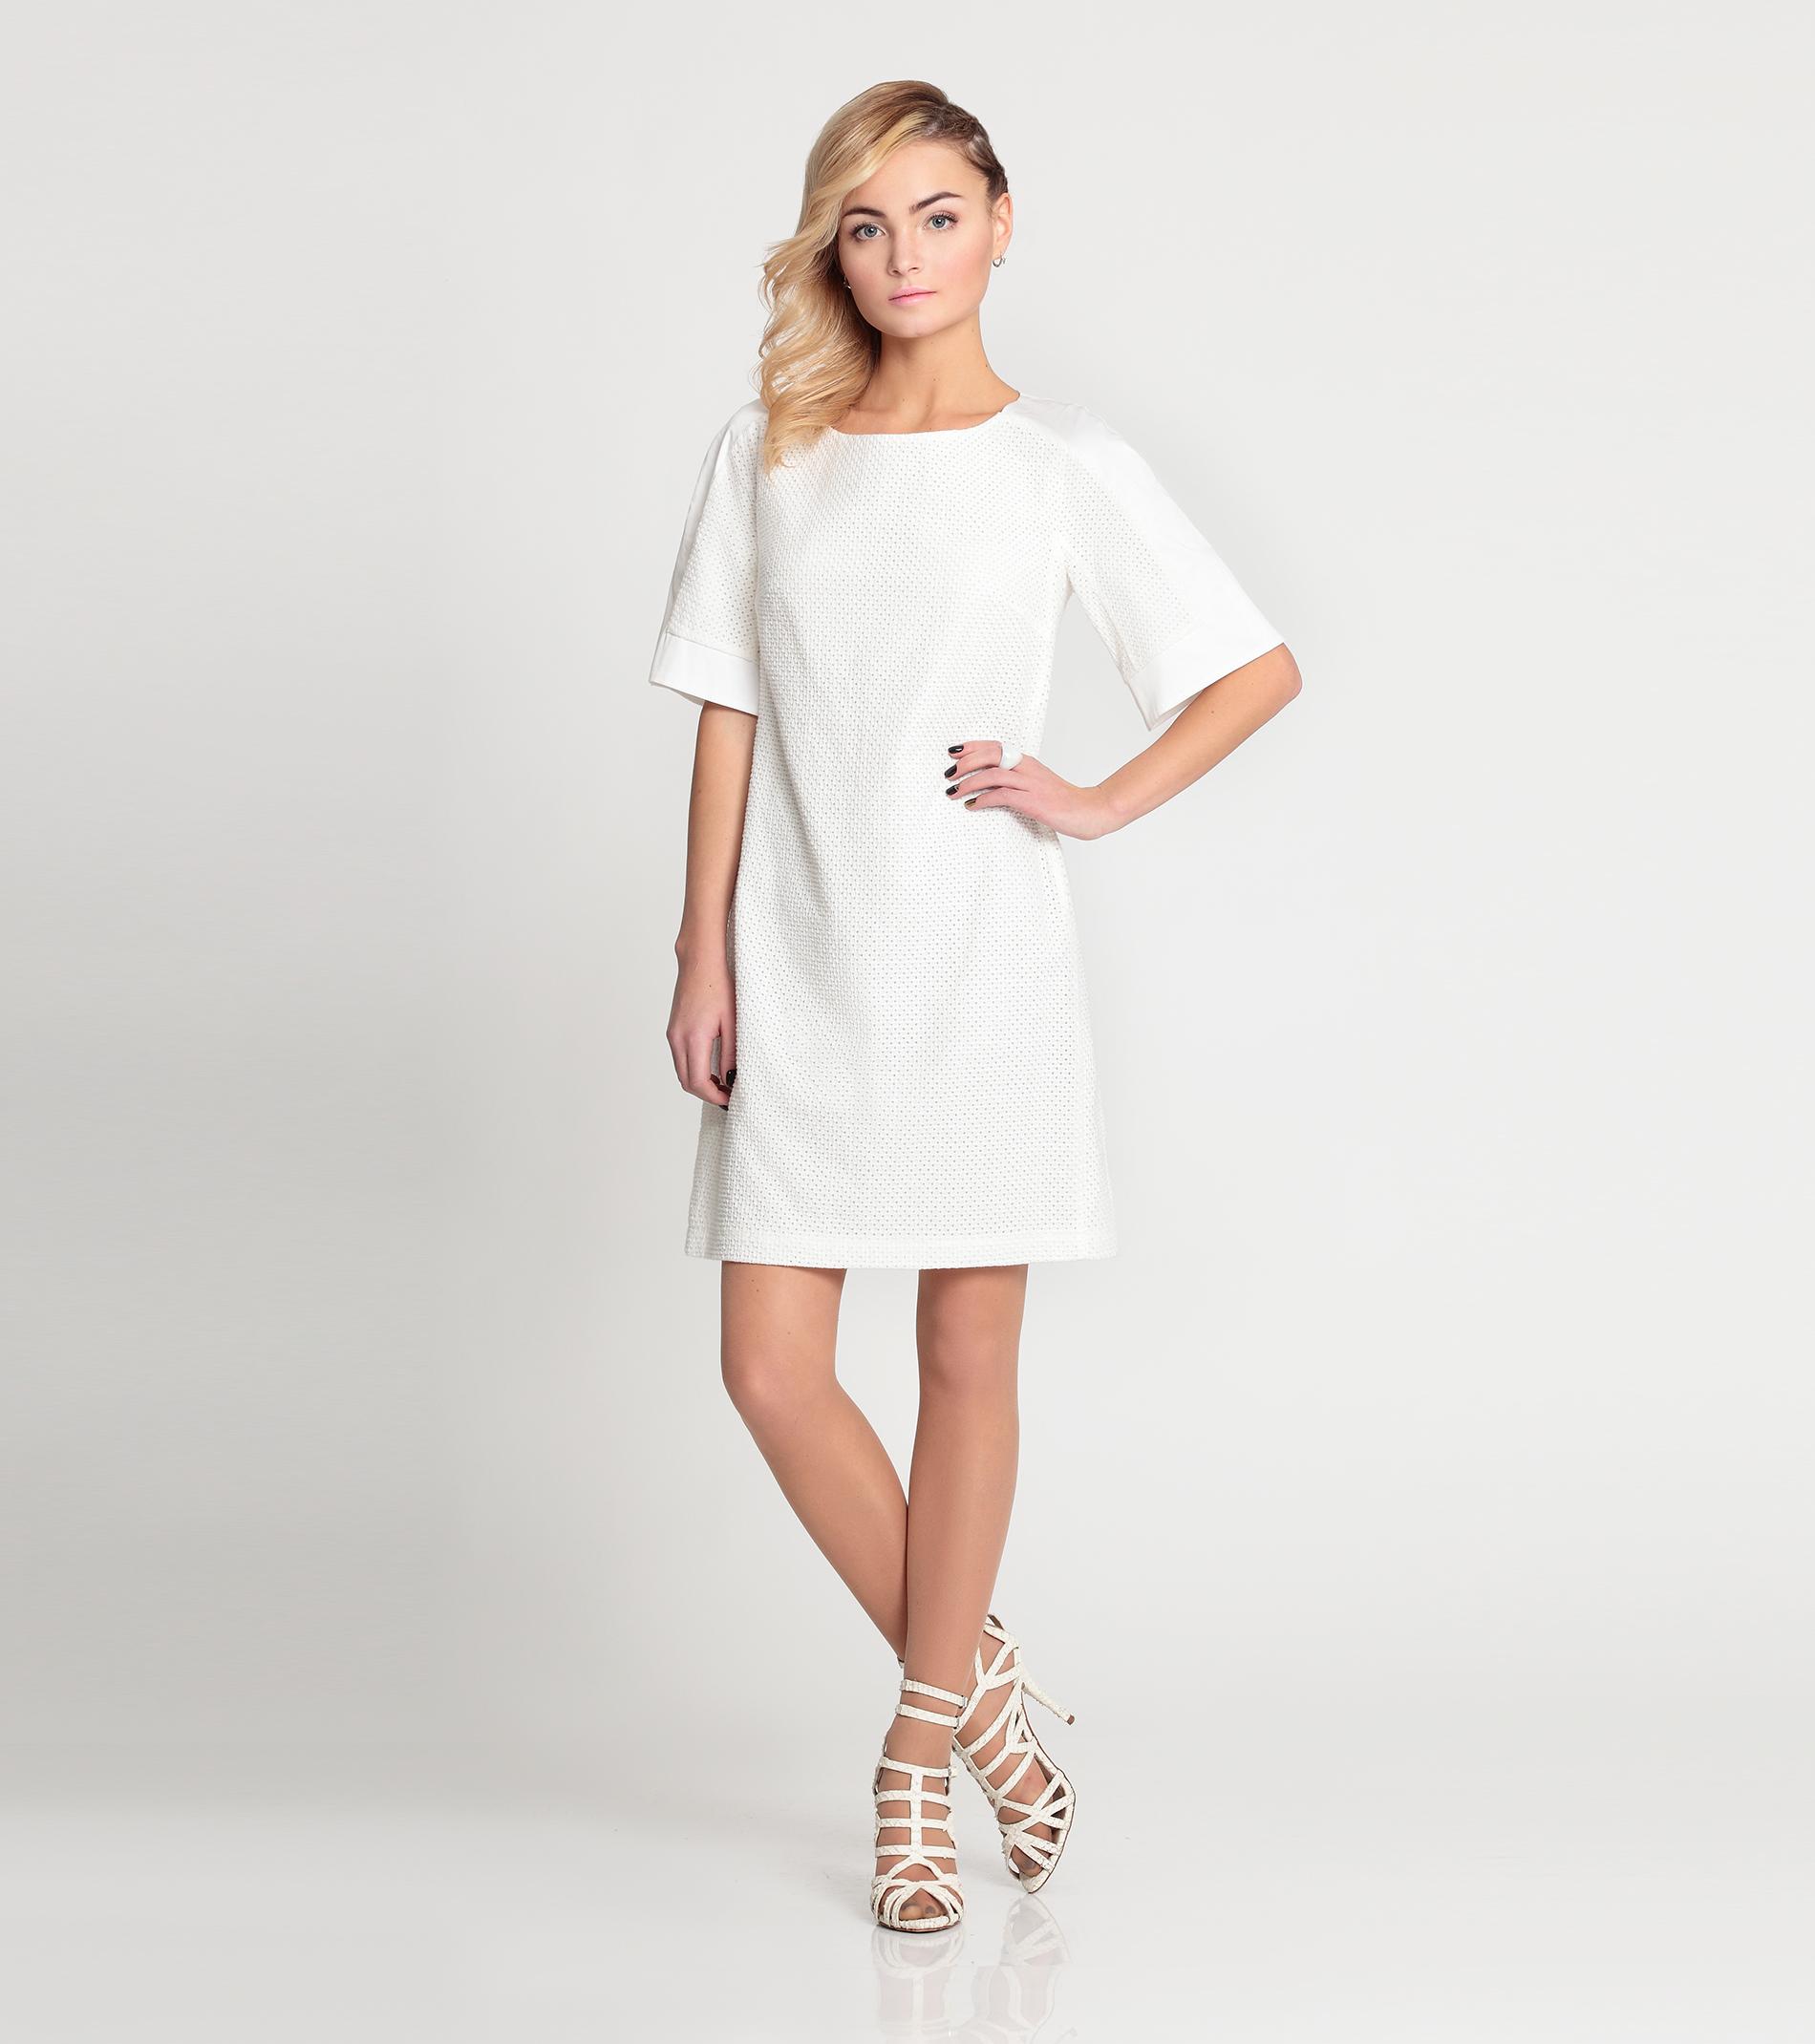 75b3085c880 Платье женское 142280 оптом от производителя Prio